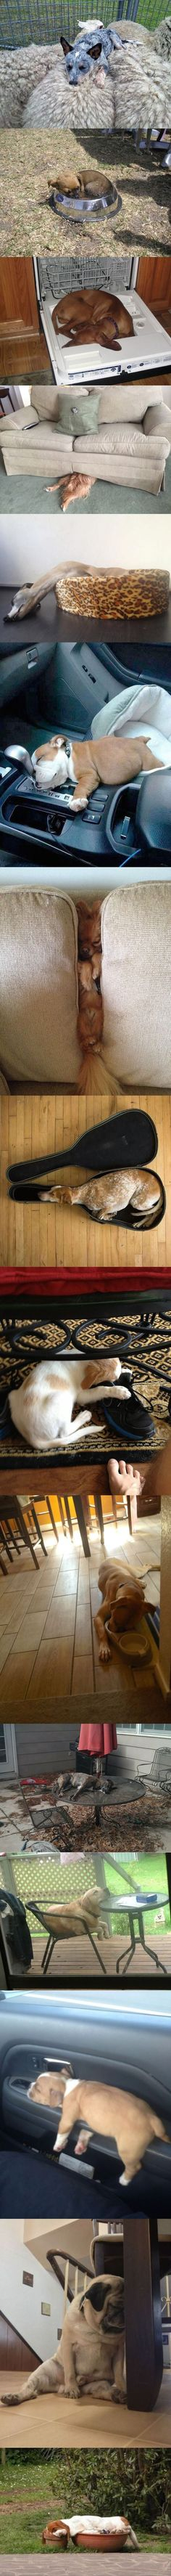 Hunde und ihre bequemen Schlafplätze